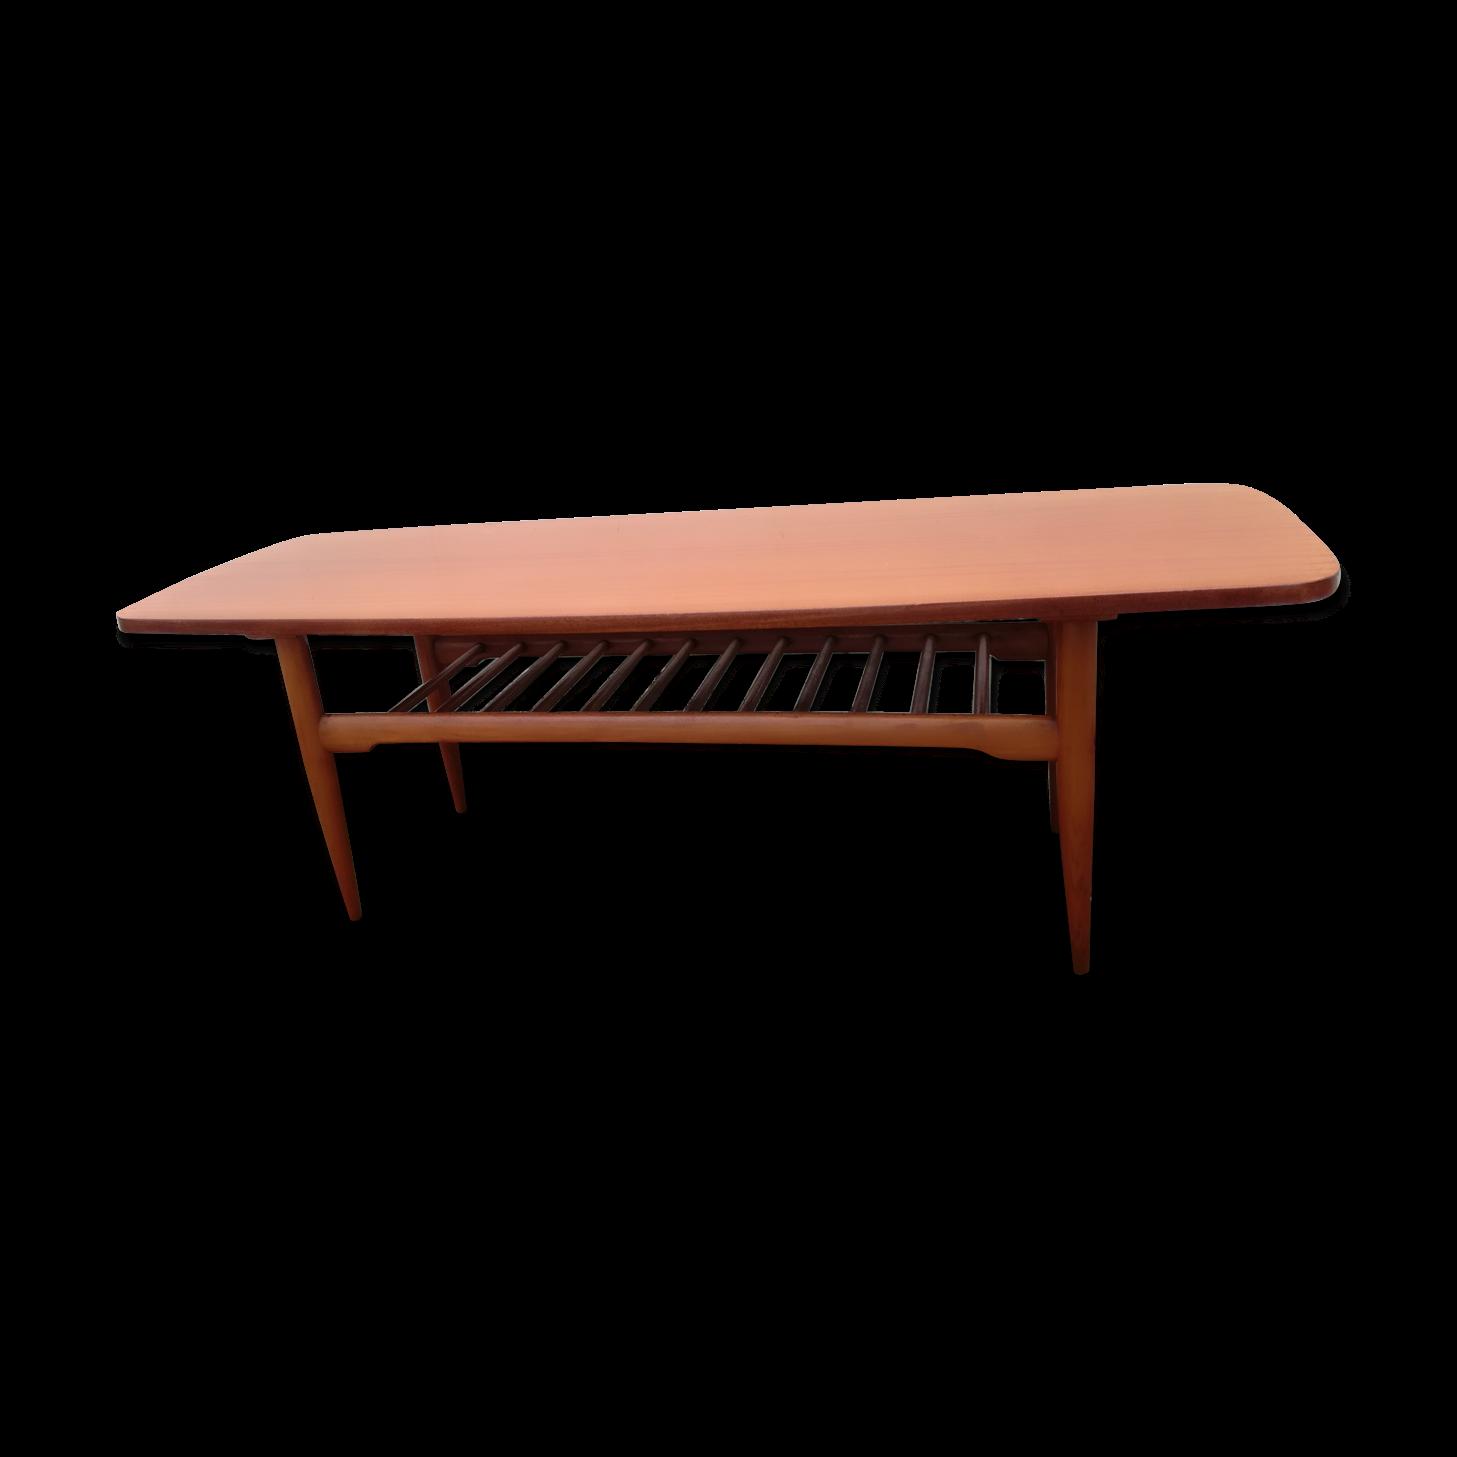 table basse scandinave vintage free table basse vintage. Black Bedroom Furniture Sets. Home Design Ideas